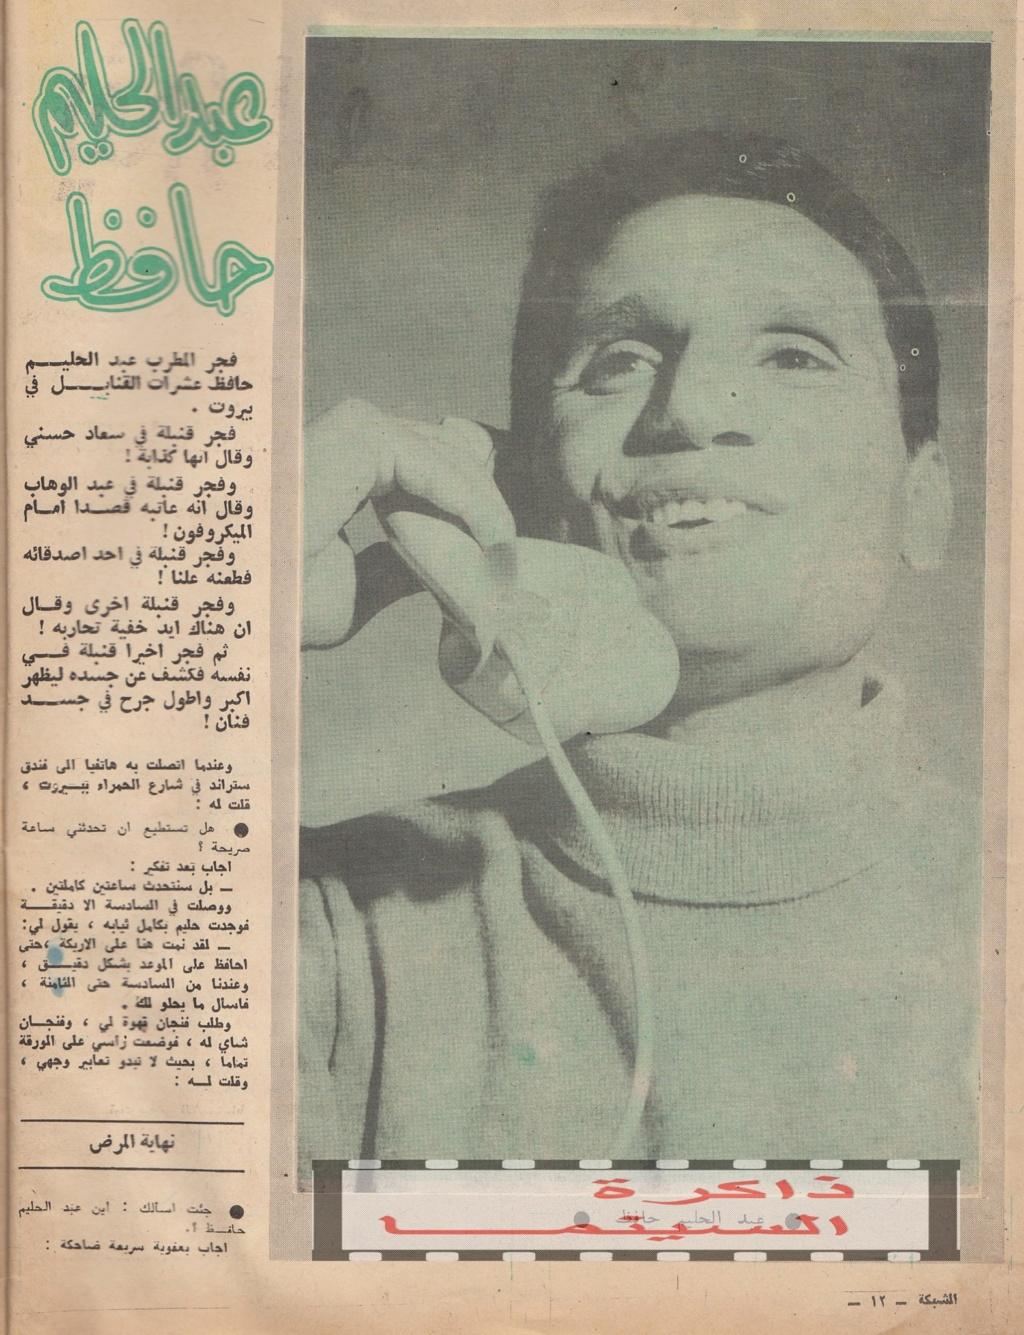 حافظ - حوار صحفي : عبدالحليم حافظ يفجر القنابل في بيروت 1966 م 1310